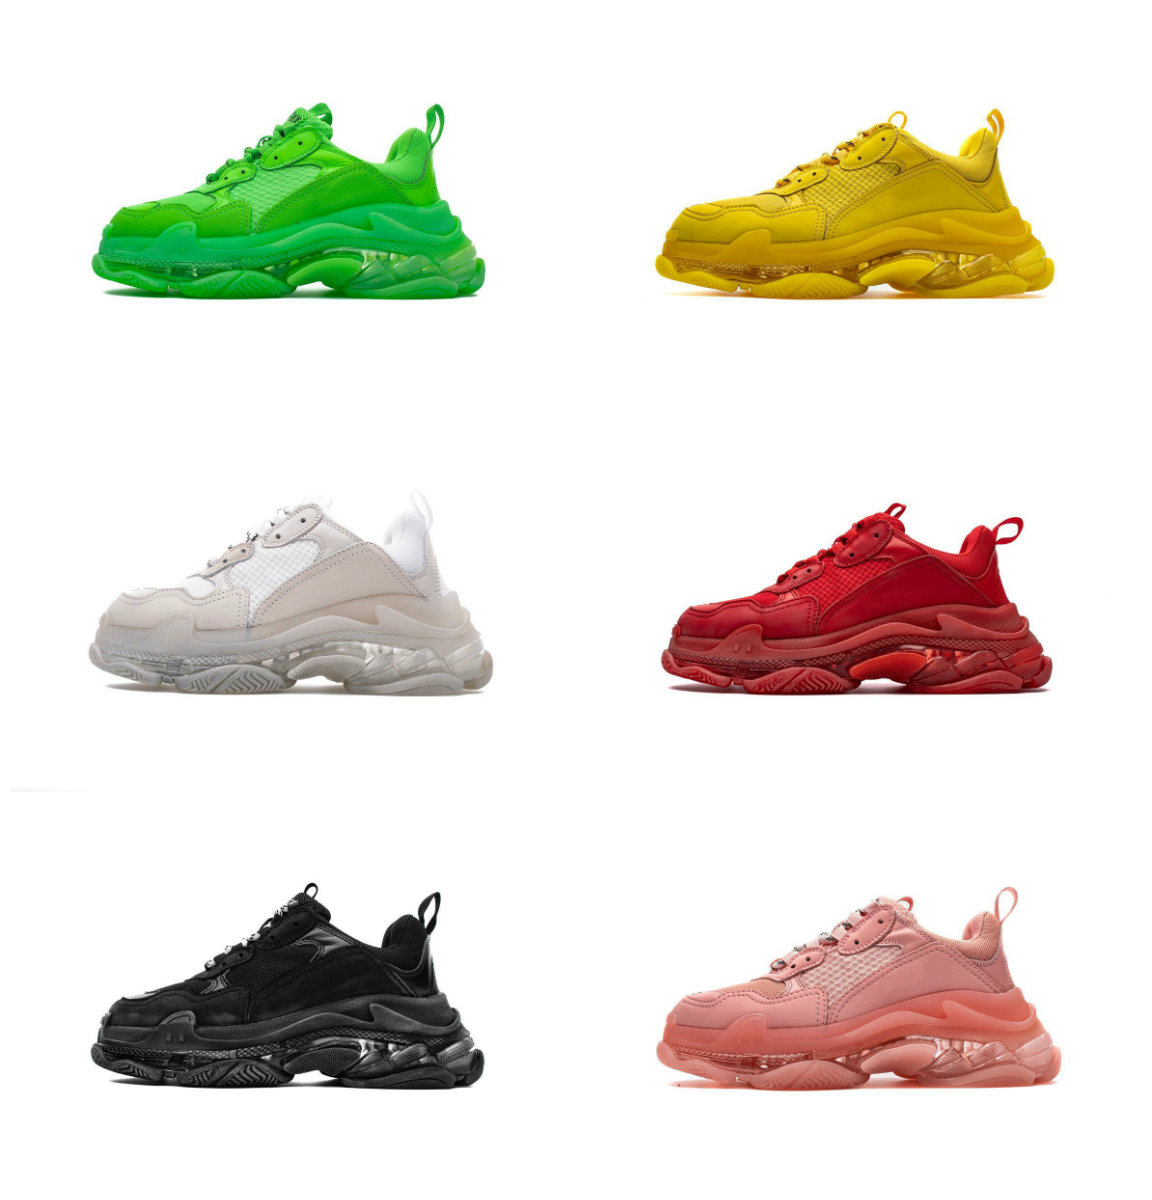 Mujeres Muy Calientes 2019 semana de la moda de parís de alta calidad zapato de exhibición zapatillas de deporte de moda muy calientes zapatos casuales unisex zapatos